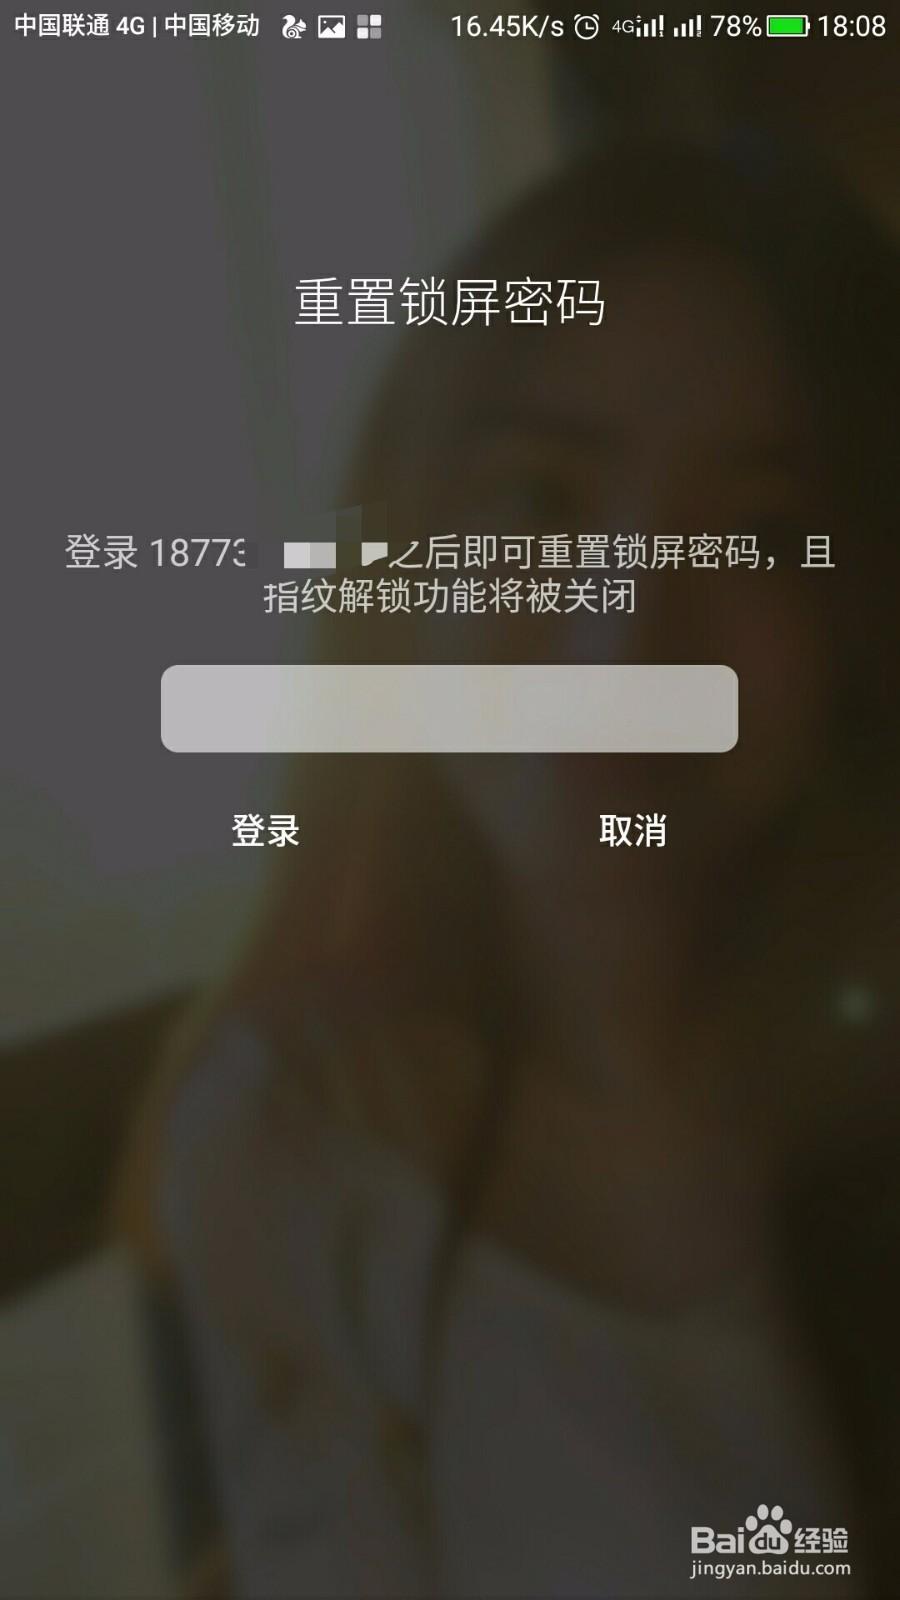 乐视2忘记解锁密码?乐视手机忘记锁屏密码?